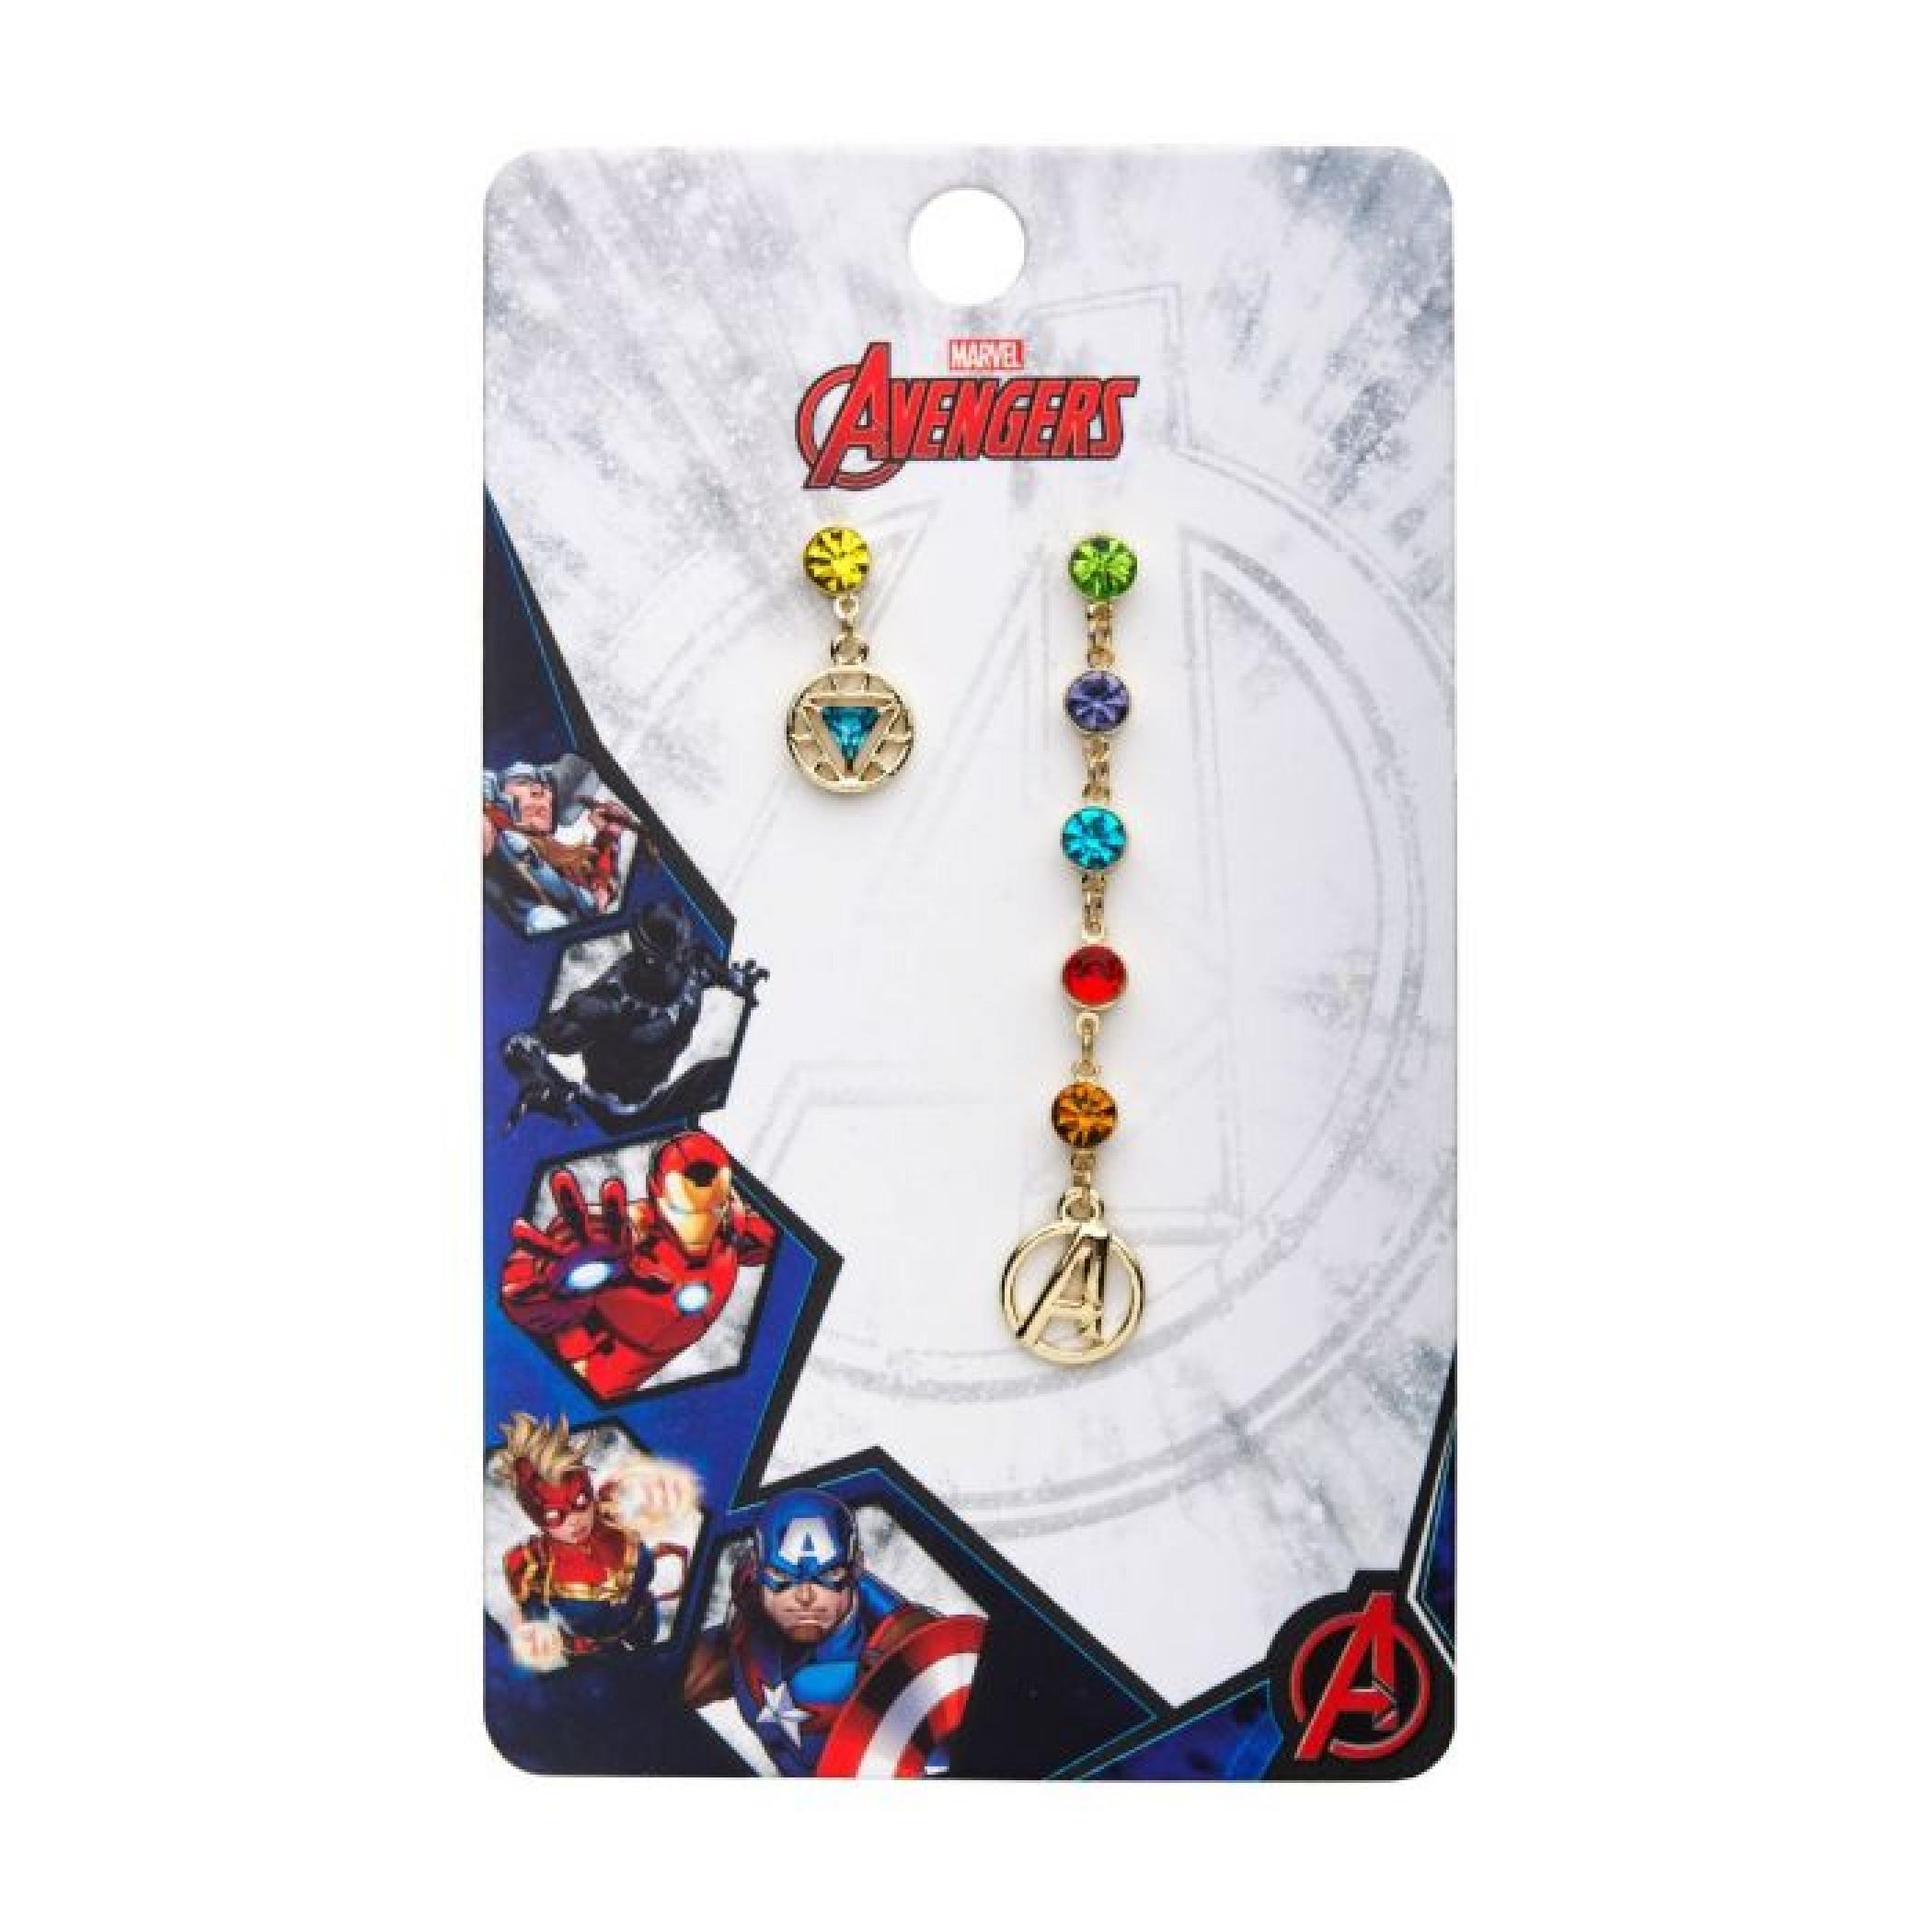 Marvel Avengers End Game Stones Stud Earrings Set